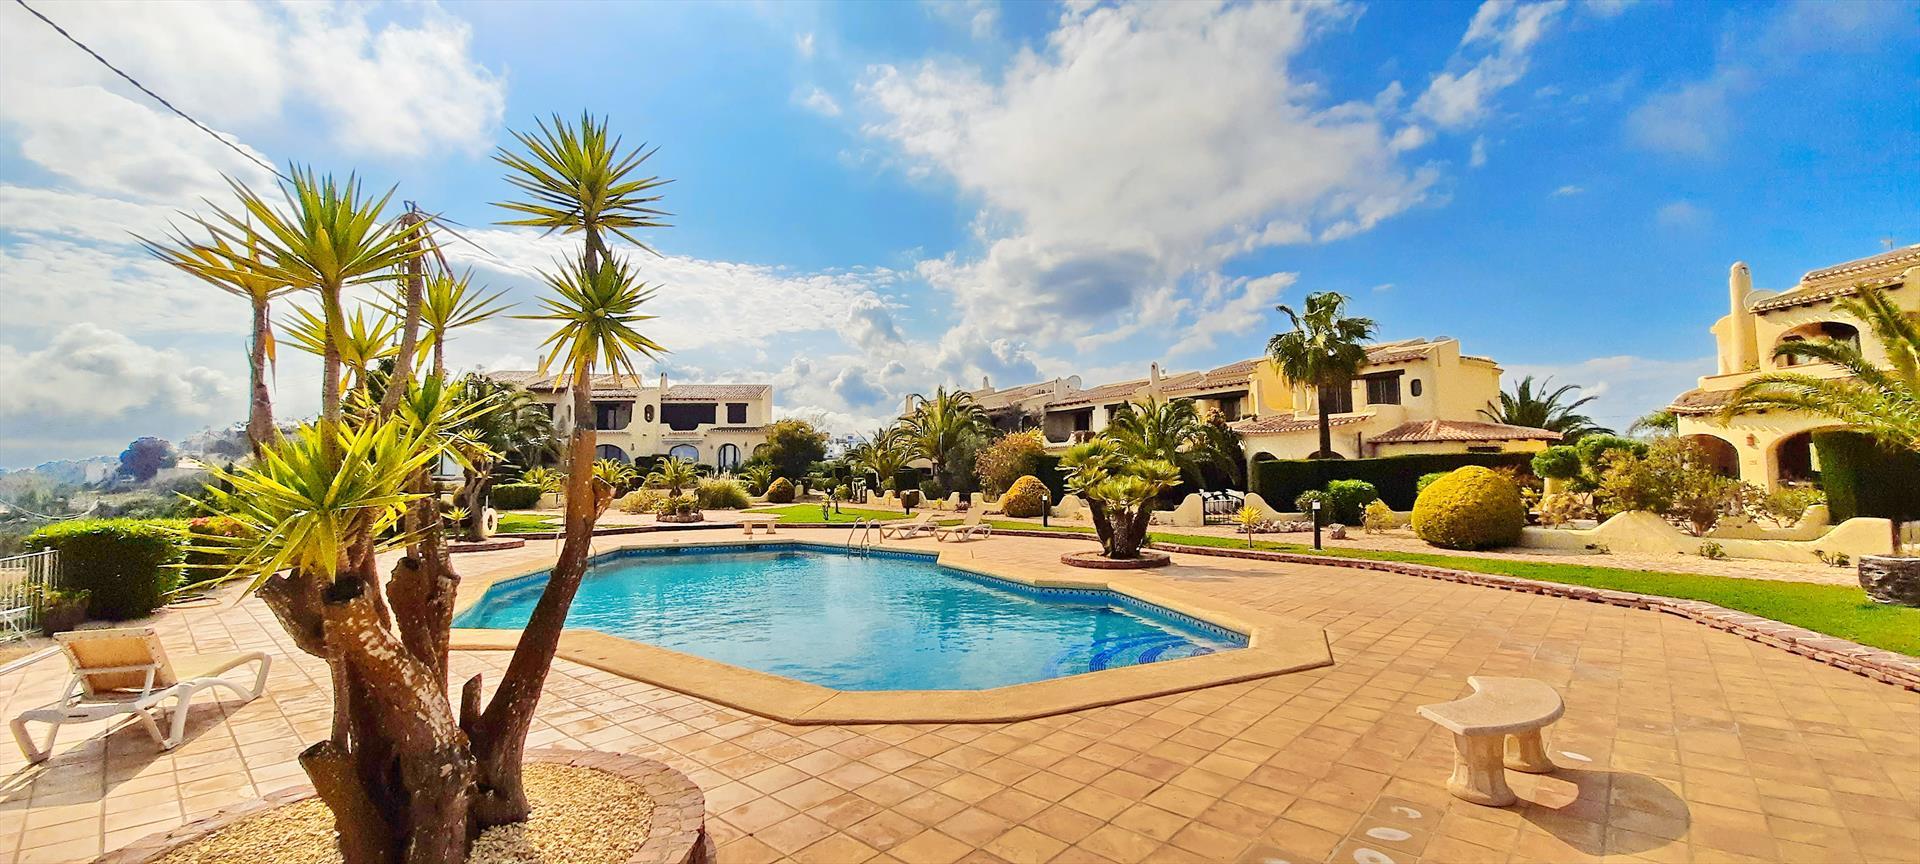 El Sarchal Moraira,Wunderschöne und gemütliche Ferienwohnung in Moraira, an der Costa Blanca, Spanien  mit Gemeinschaftspool für 6 Personen.....